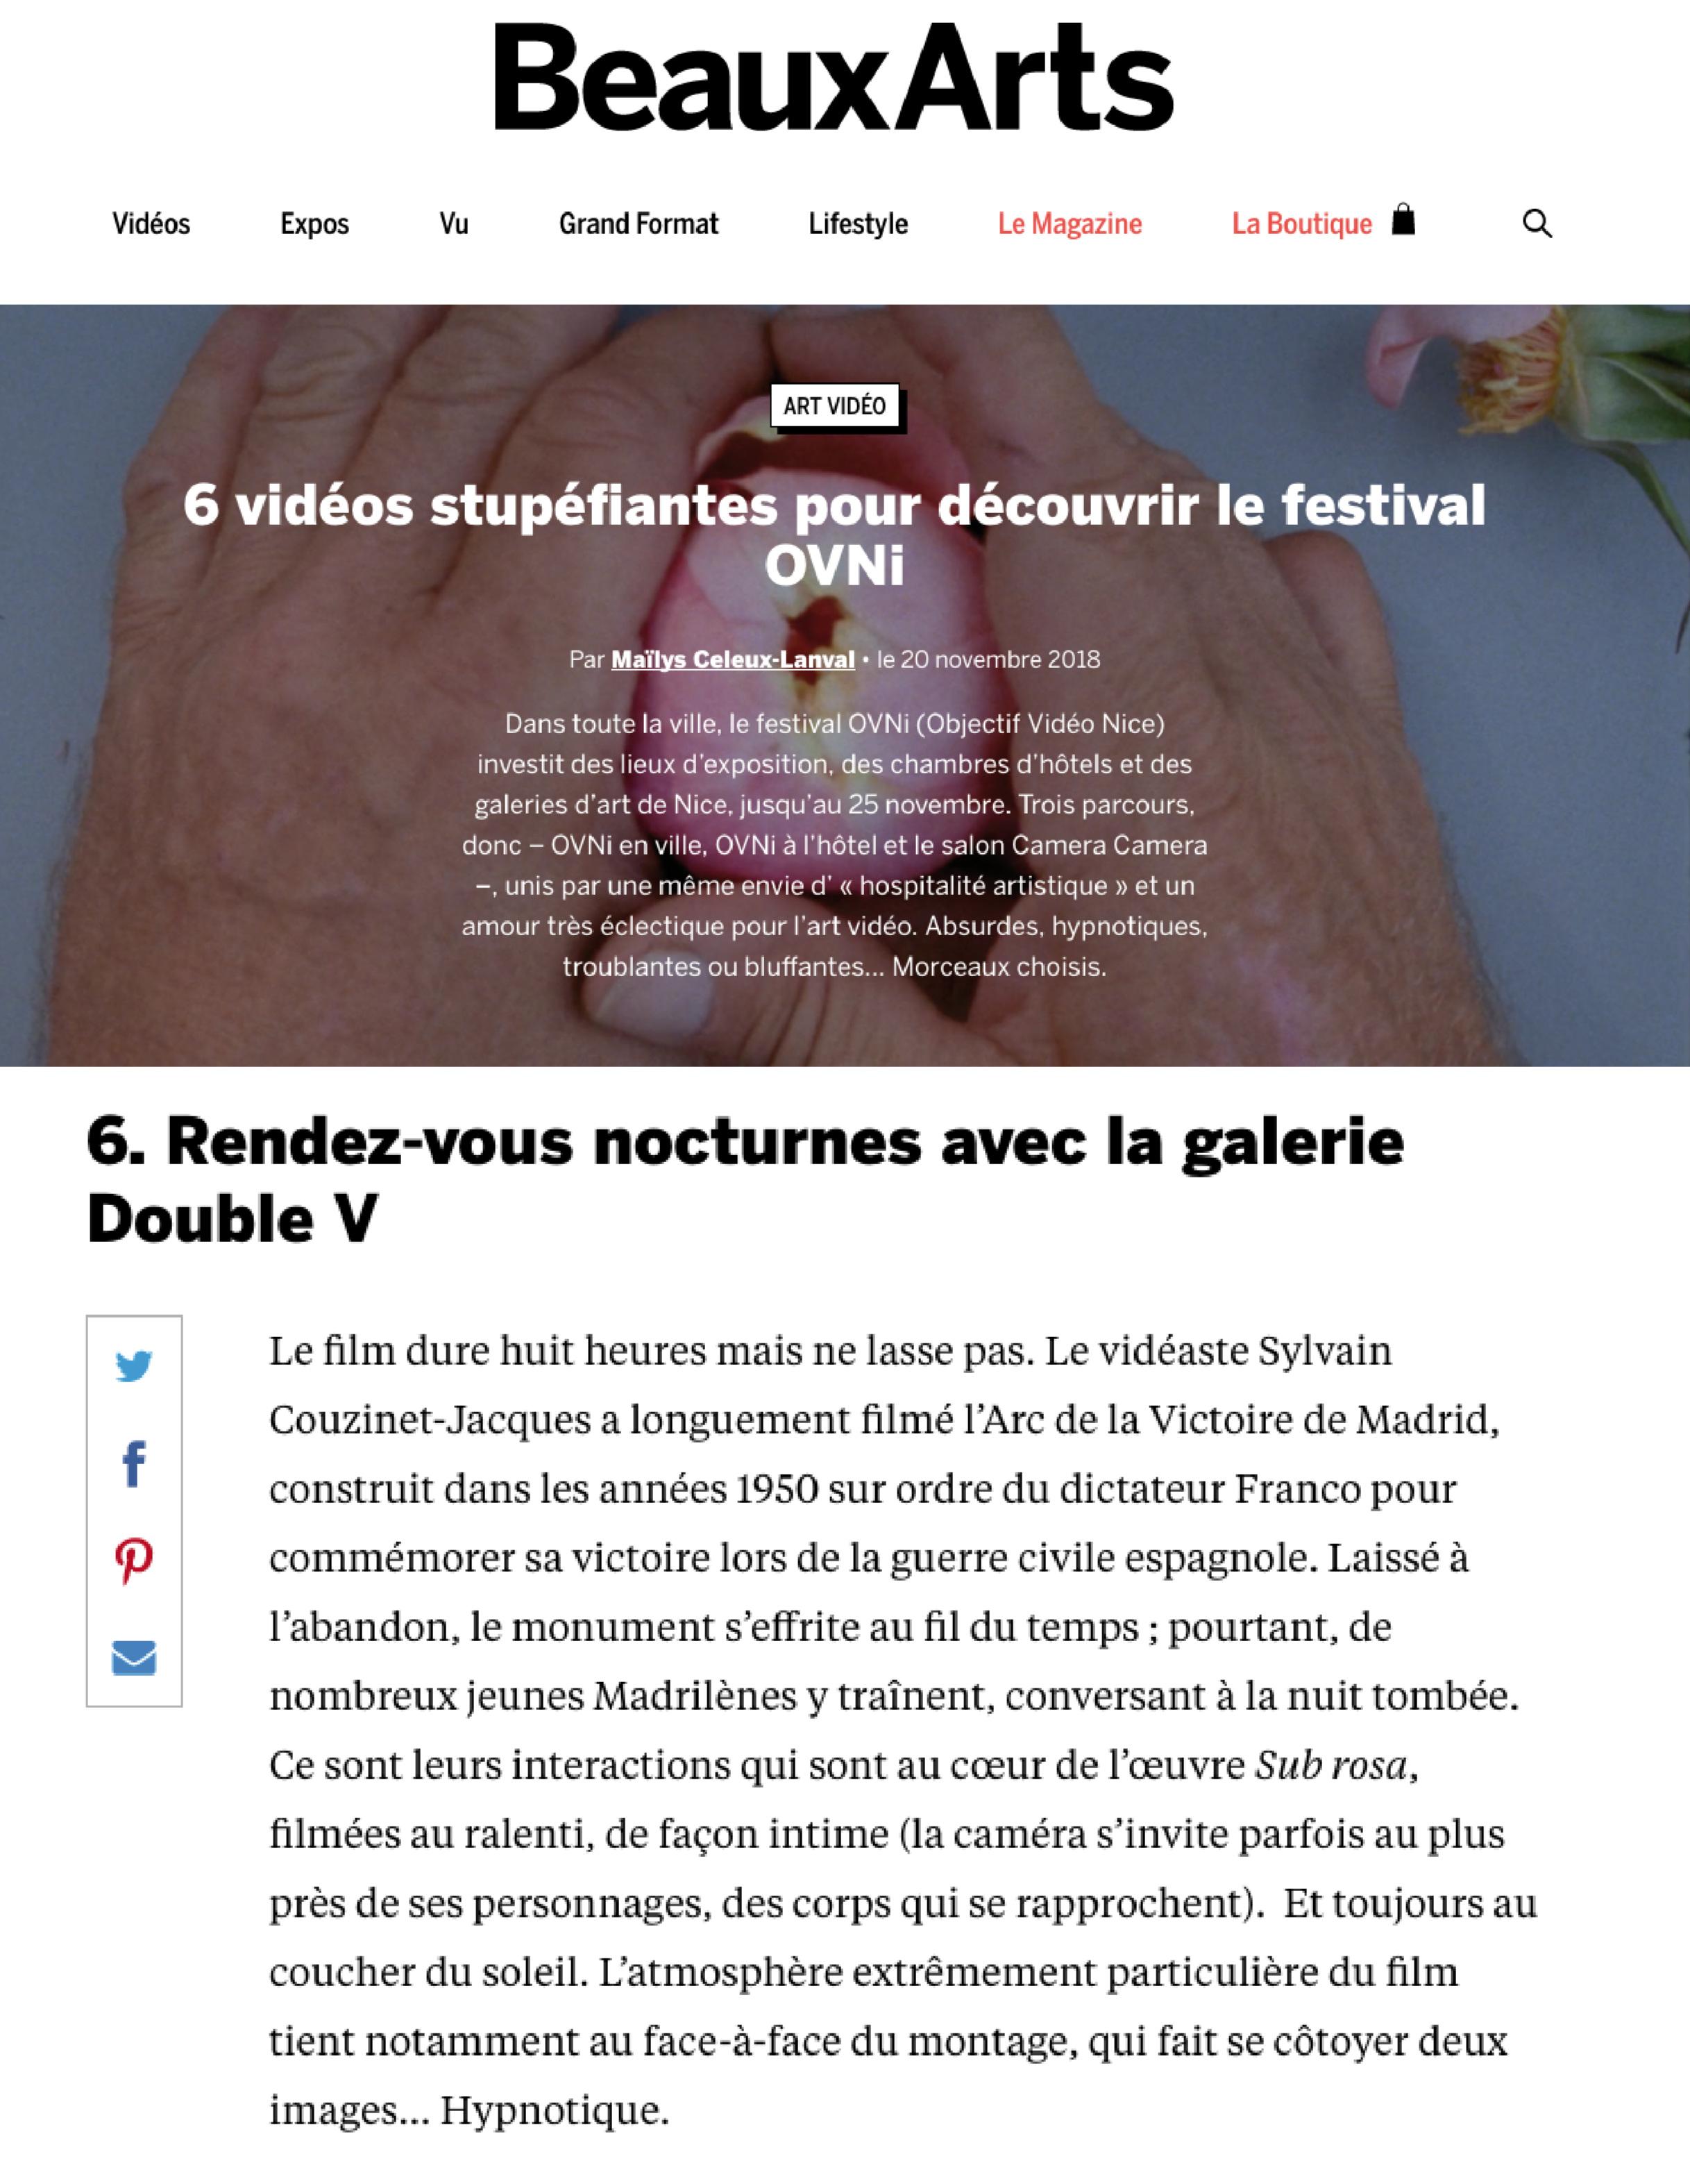 Camera+Camera_Double+V_Sylvain+Couzinet+Jacques_Ugo+Schiavi